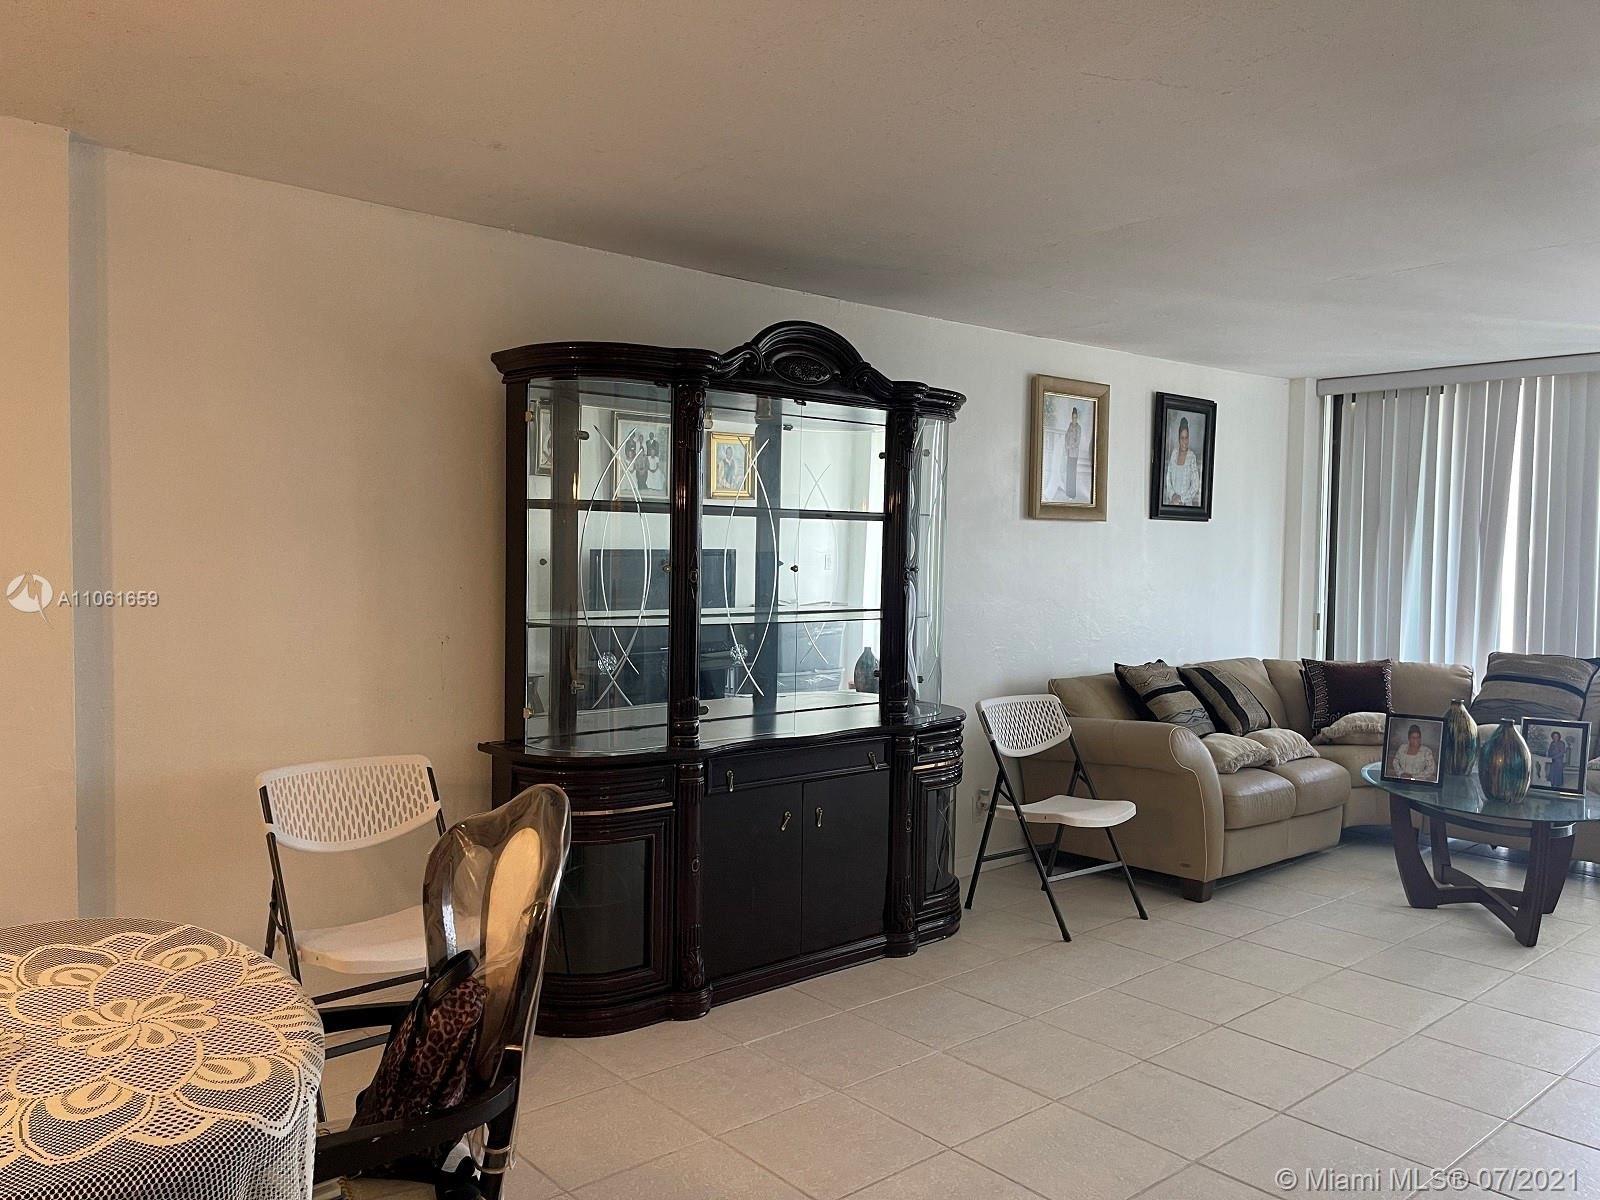 2450 NE 135th St #704, North Miami, FL 33181 - #: A11061659